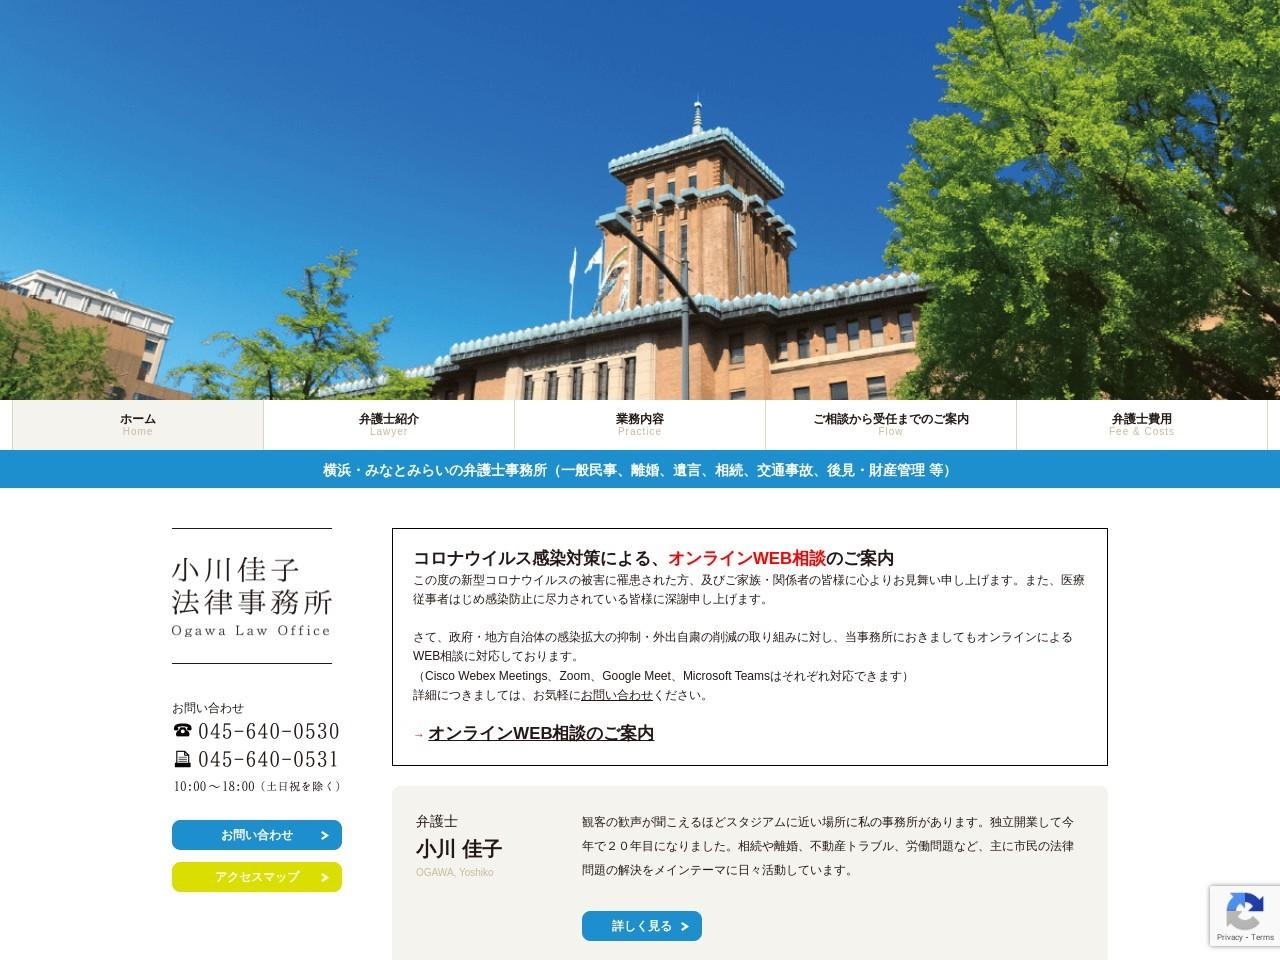 小川佳子法律事務所